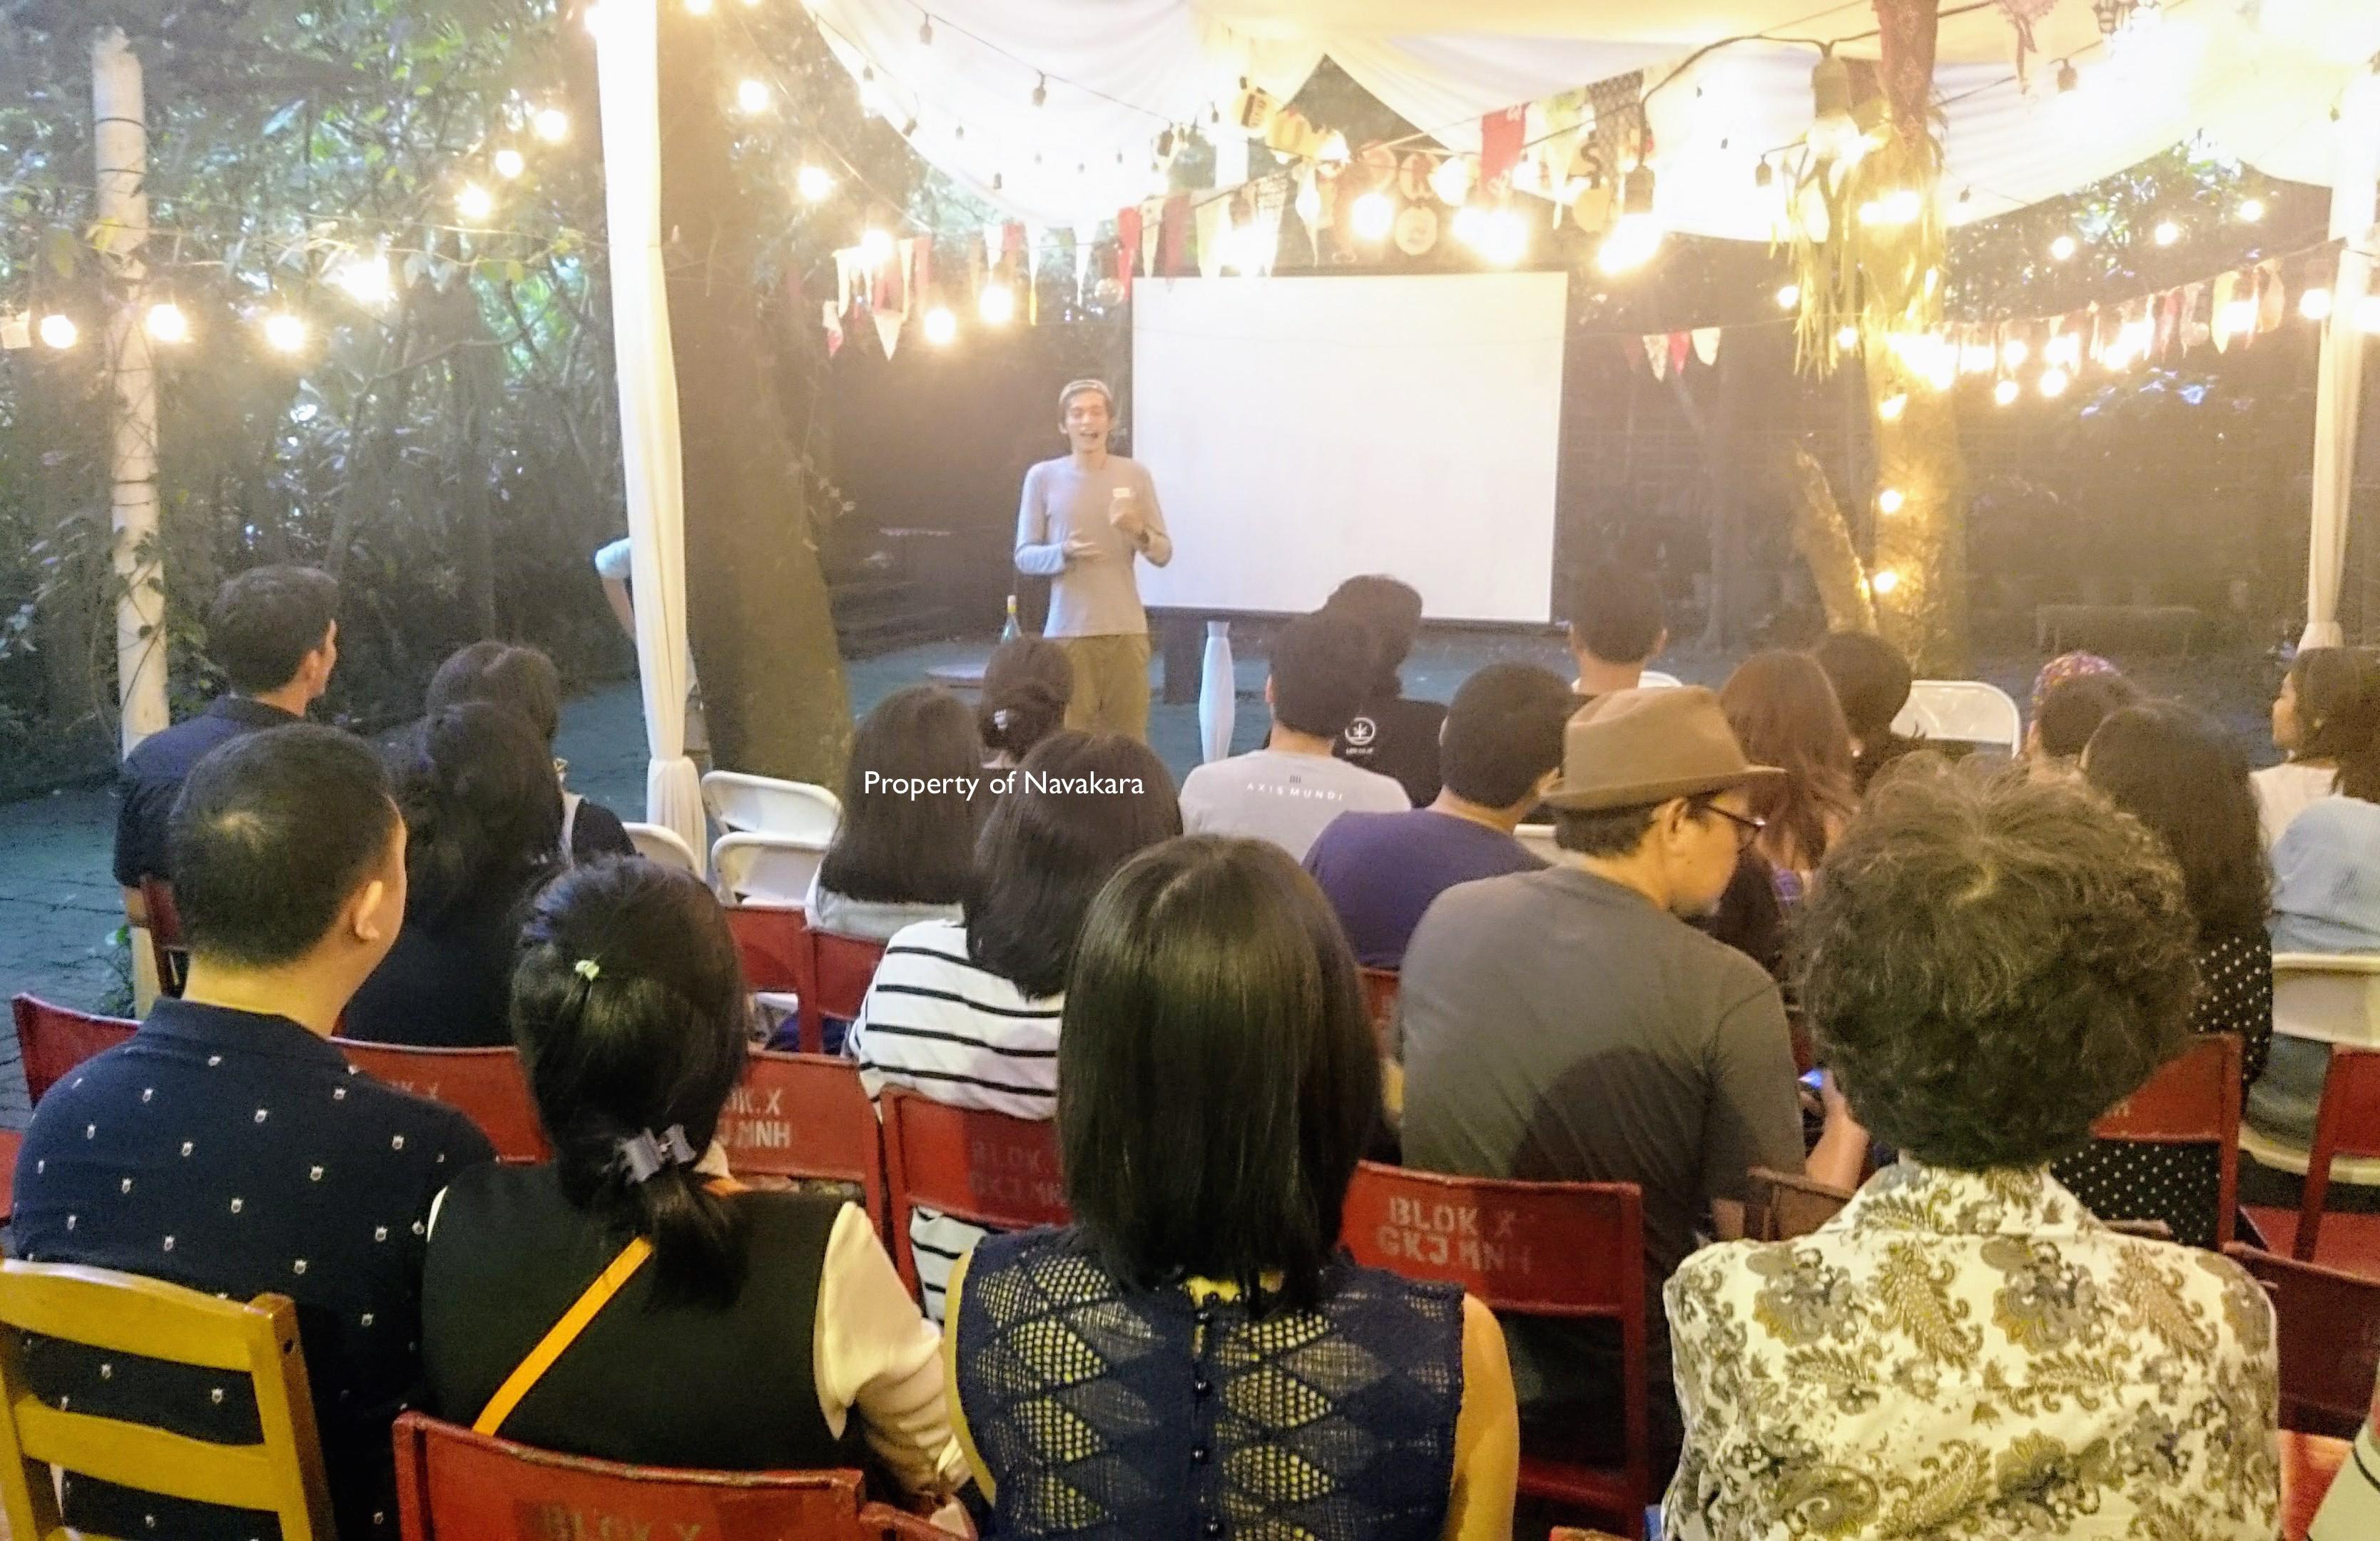 Navakara Community Event November 2016